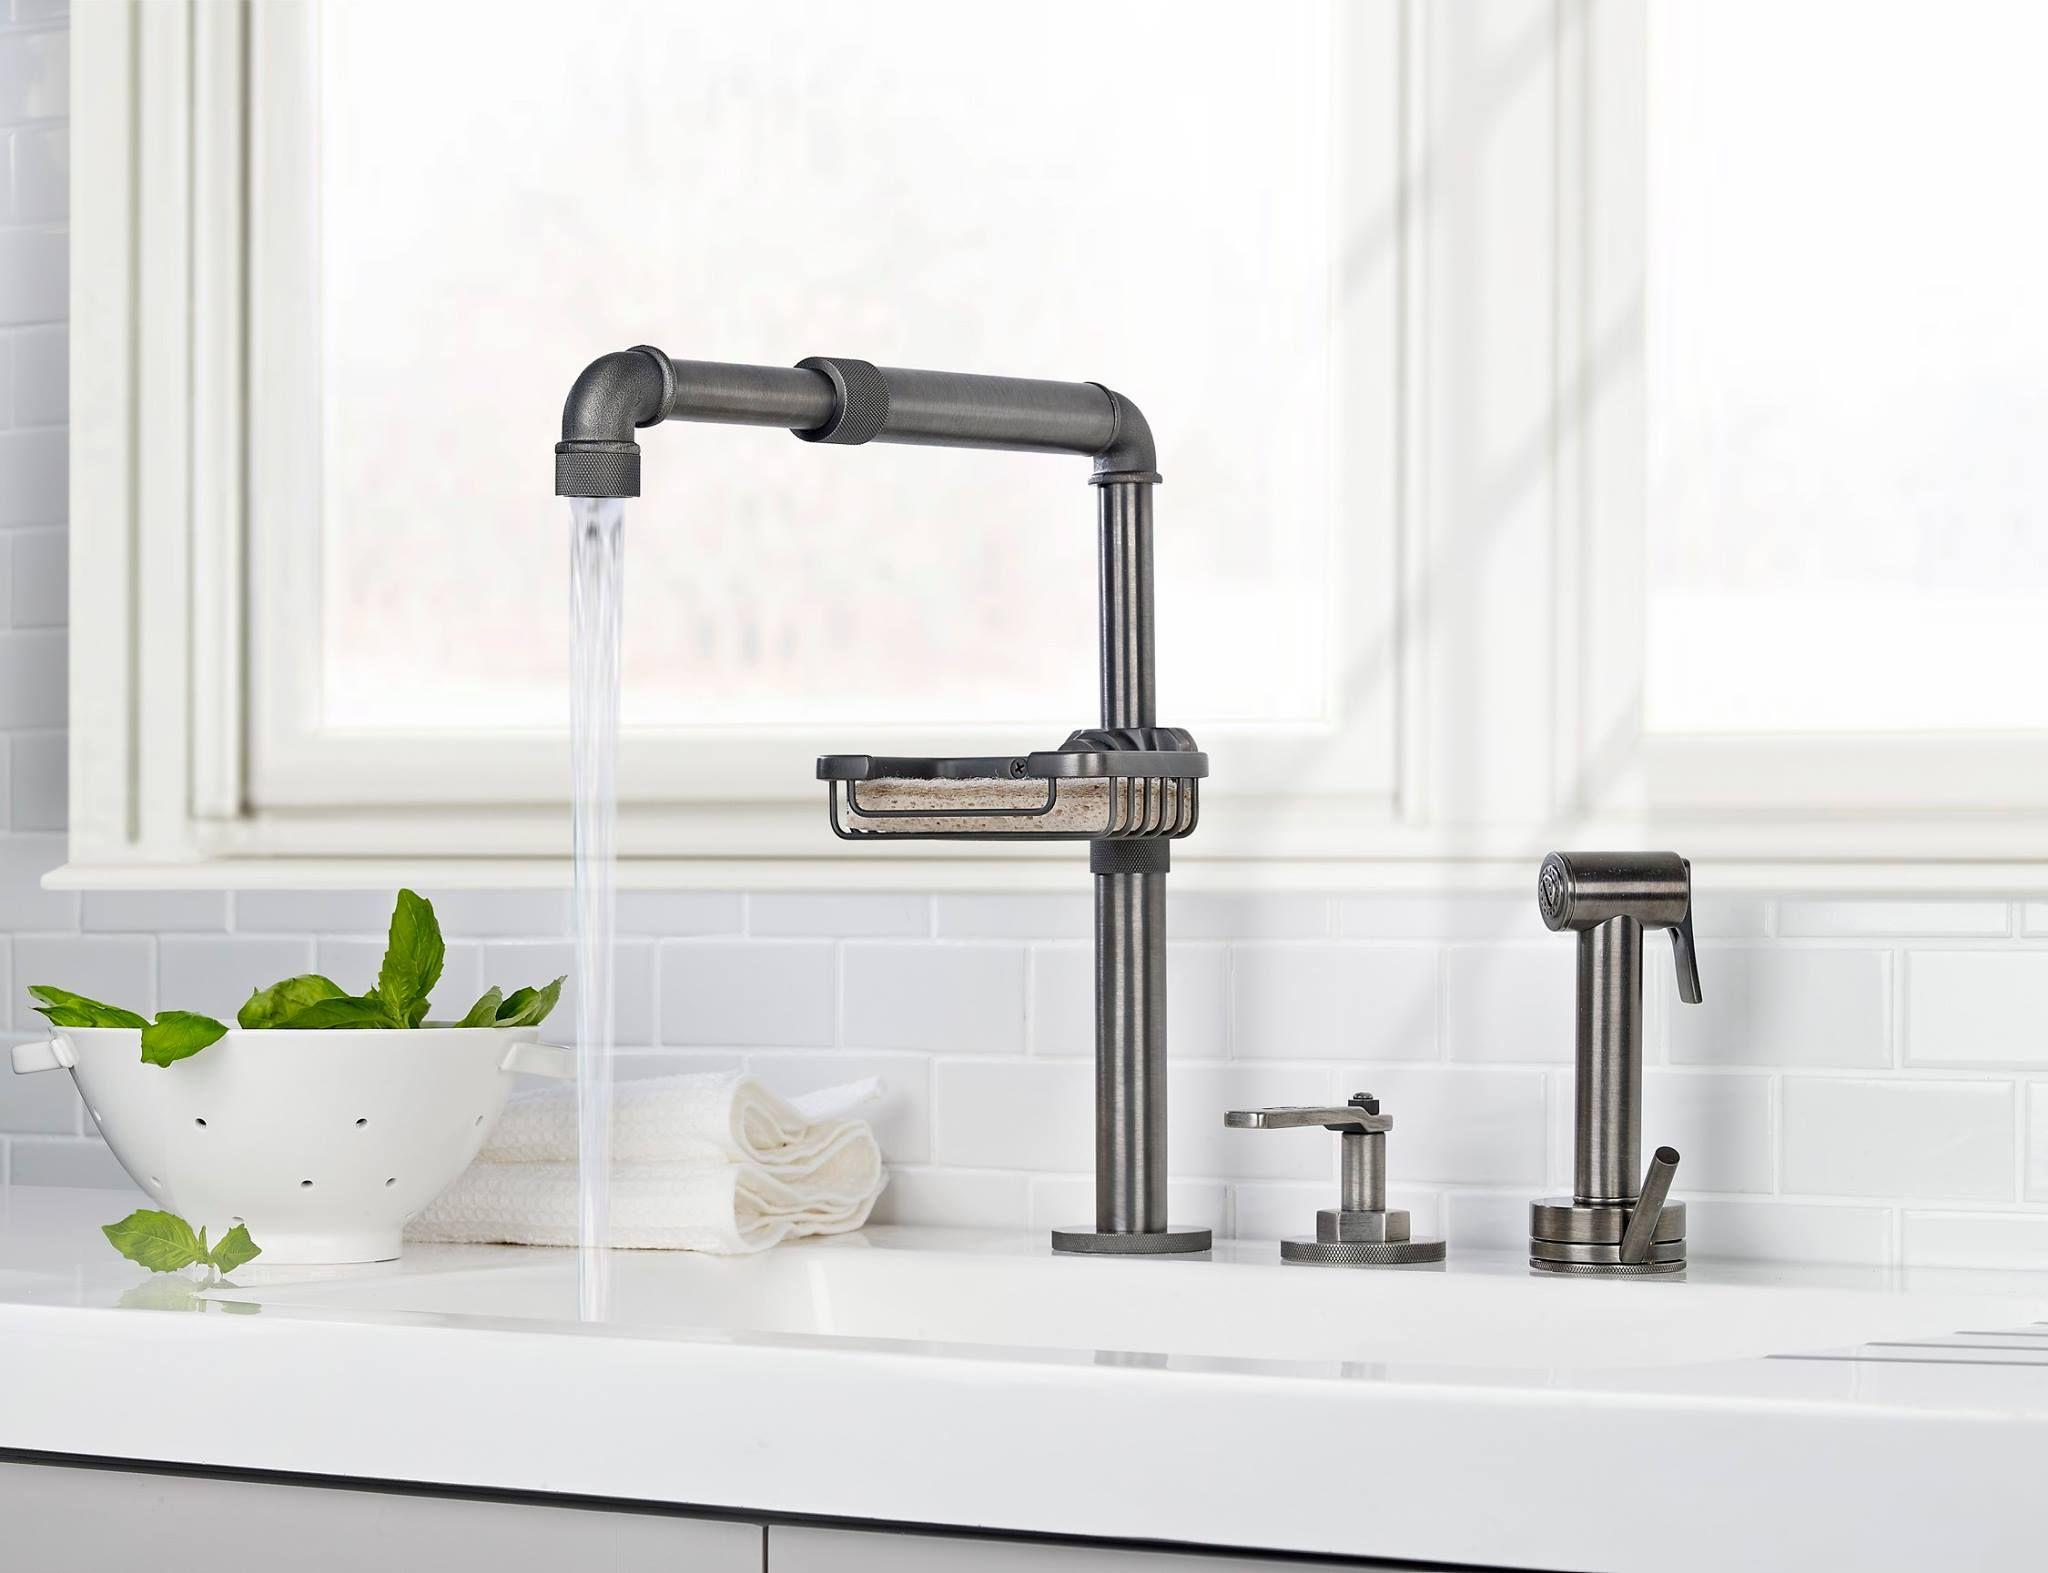 Watermark Design's Elan Vital faucet https://www.facebook.com ... - Watermark Design's Elan Vital faucet  https://www.facebook.com/watermarkdesigns